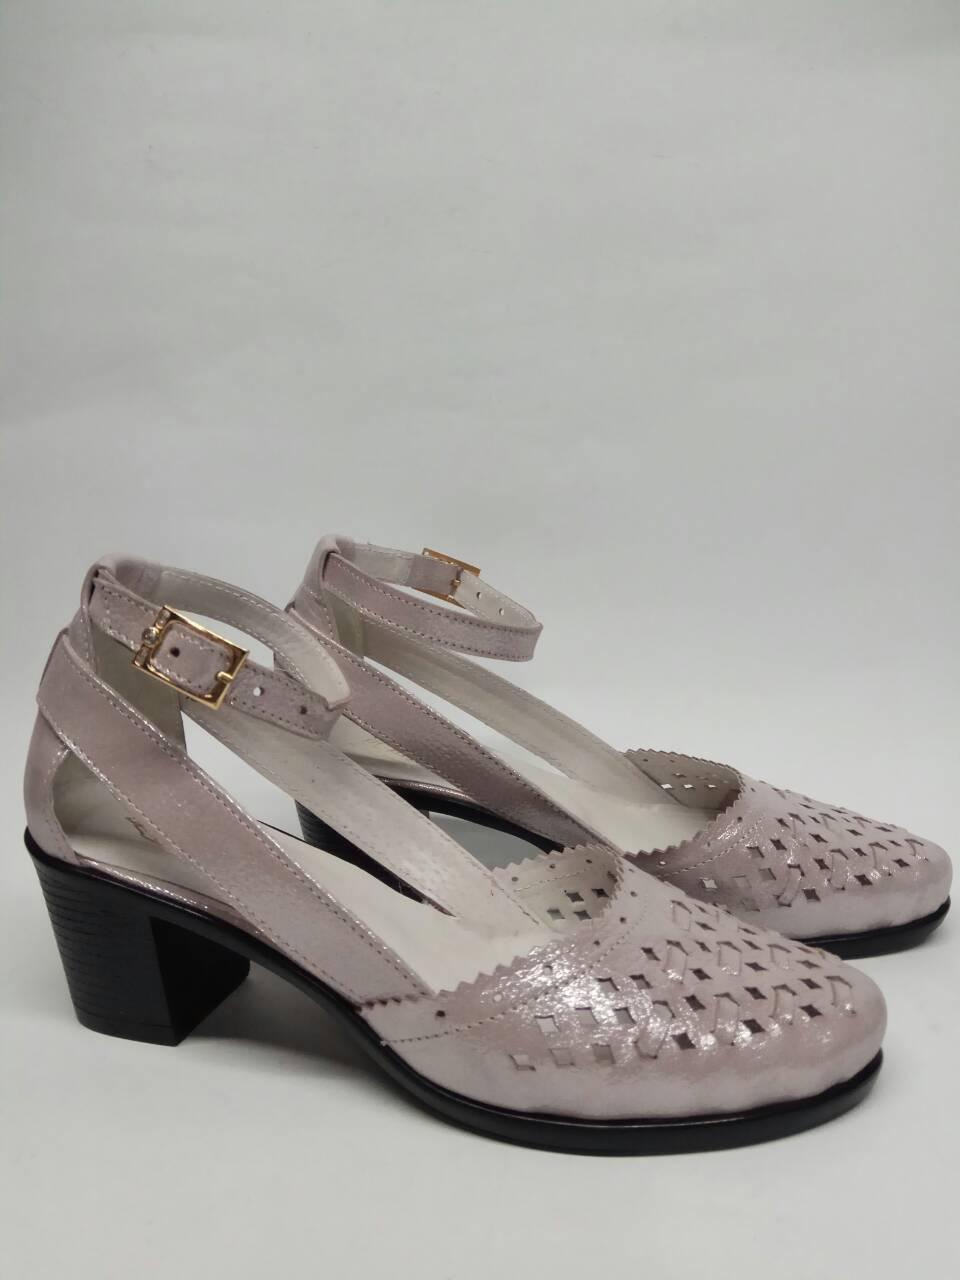 84f1b63ec28d Женские босоножки на устойчивом каблуке, турецкая кожа с золотым  напылением, цвет